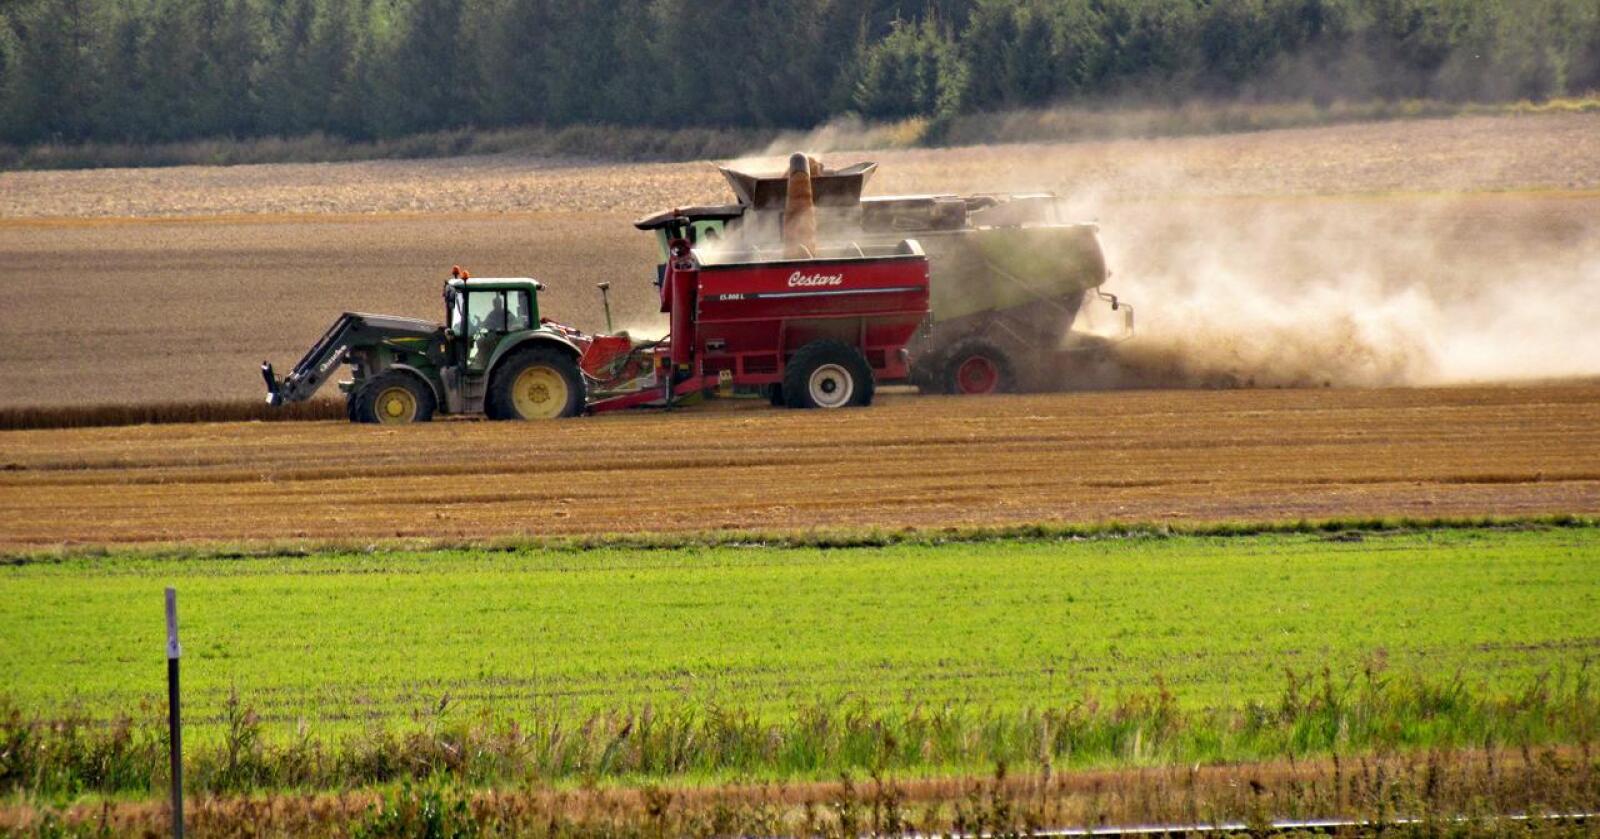 Sverige har som mål å øke den svenske matproduksjonen fram mot 2030. – Jeg vet ikke om det blir vellykket. Men de skal komme med tiltak, sier Torbjørn Tufte. (Foto: Pia Nyman/Mostphotos)